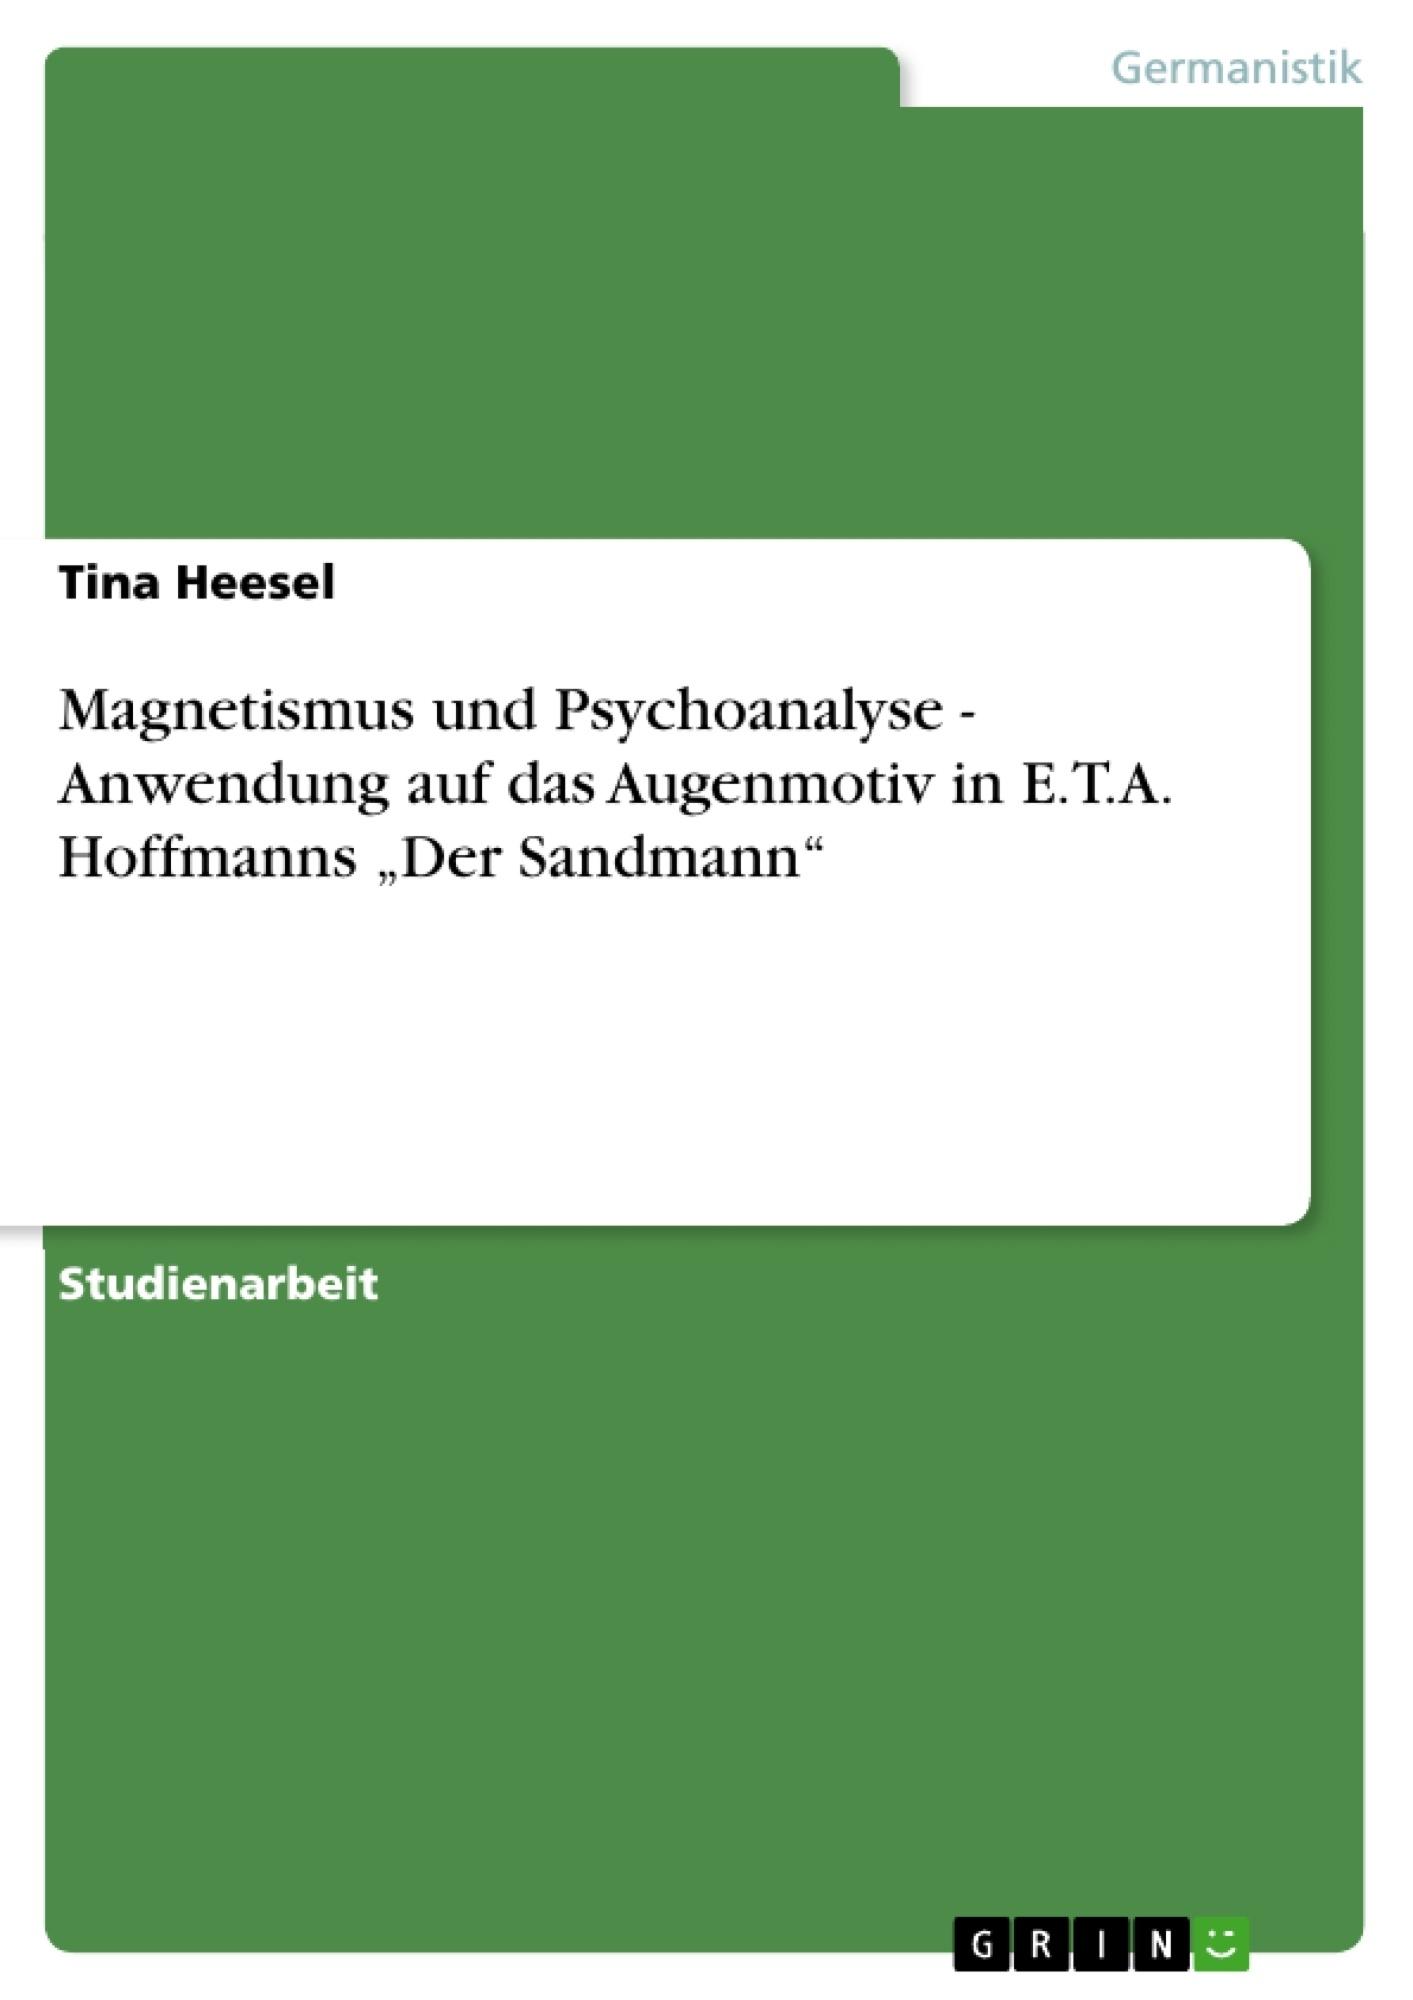 """Titel: Magnetismus und Psychoanalyse - Anwendung auf das Augenmotiv in E.T.A. Hoffmanns """"Der Sandmann"""""""